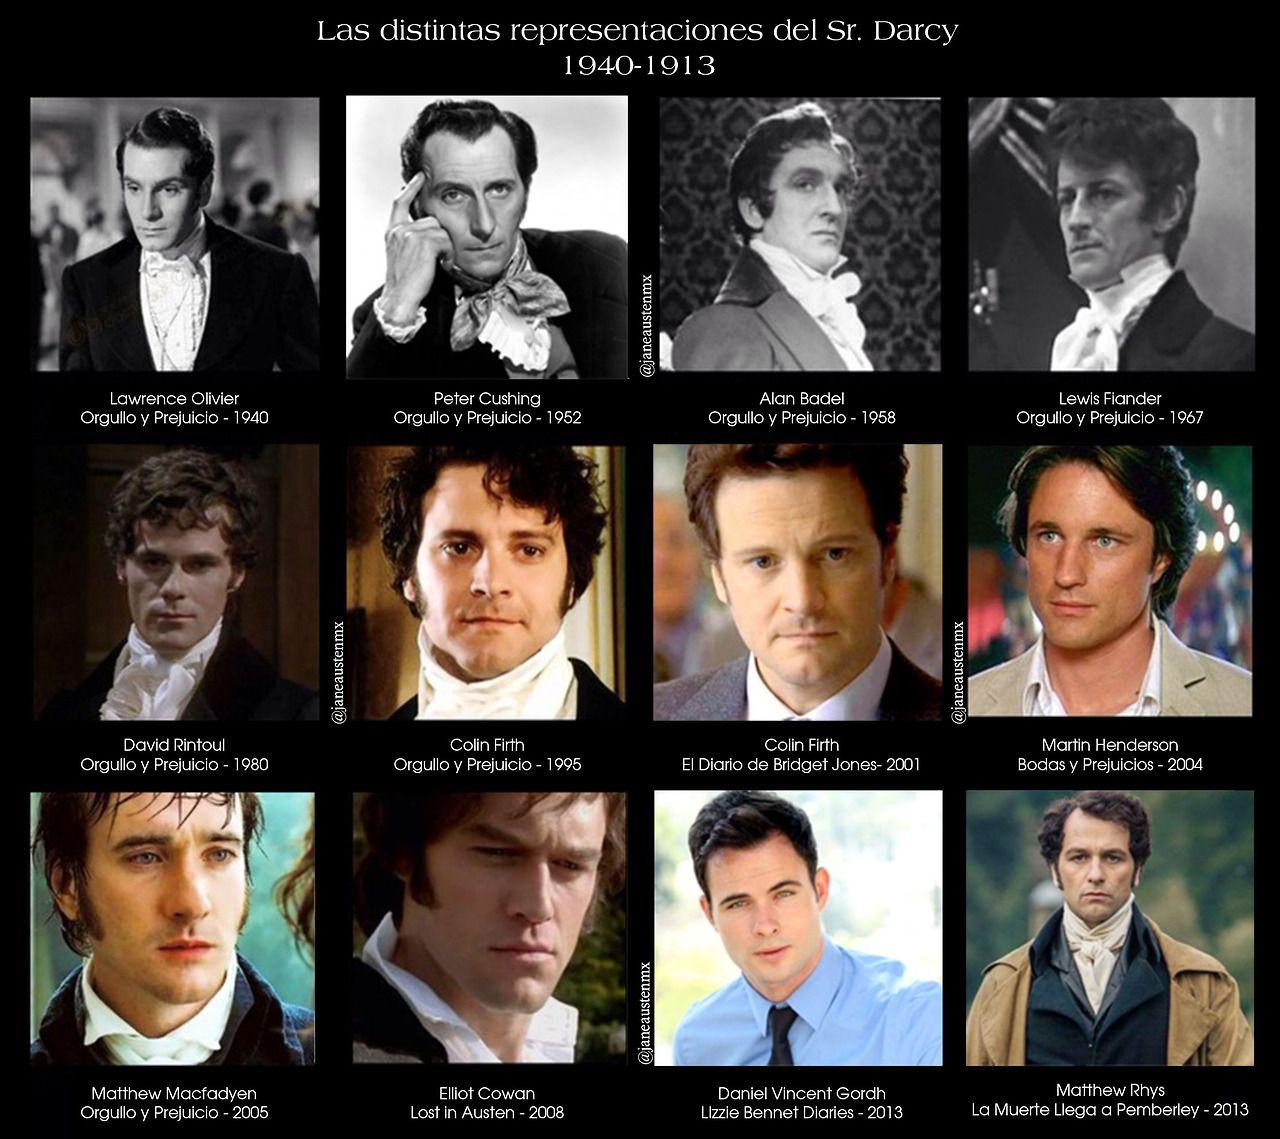 Sr Darcy Jane Austen Orgullo Y Prejuicio Rostros